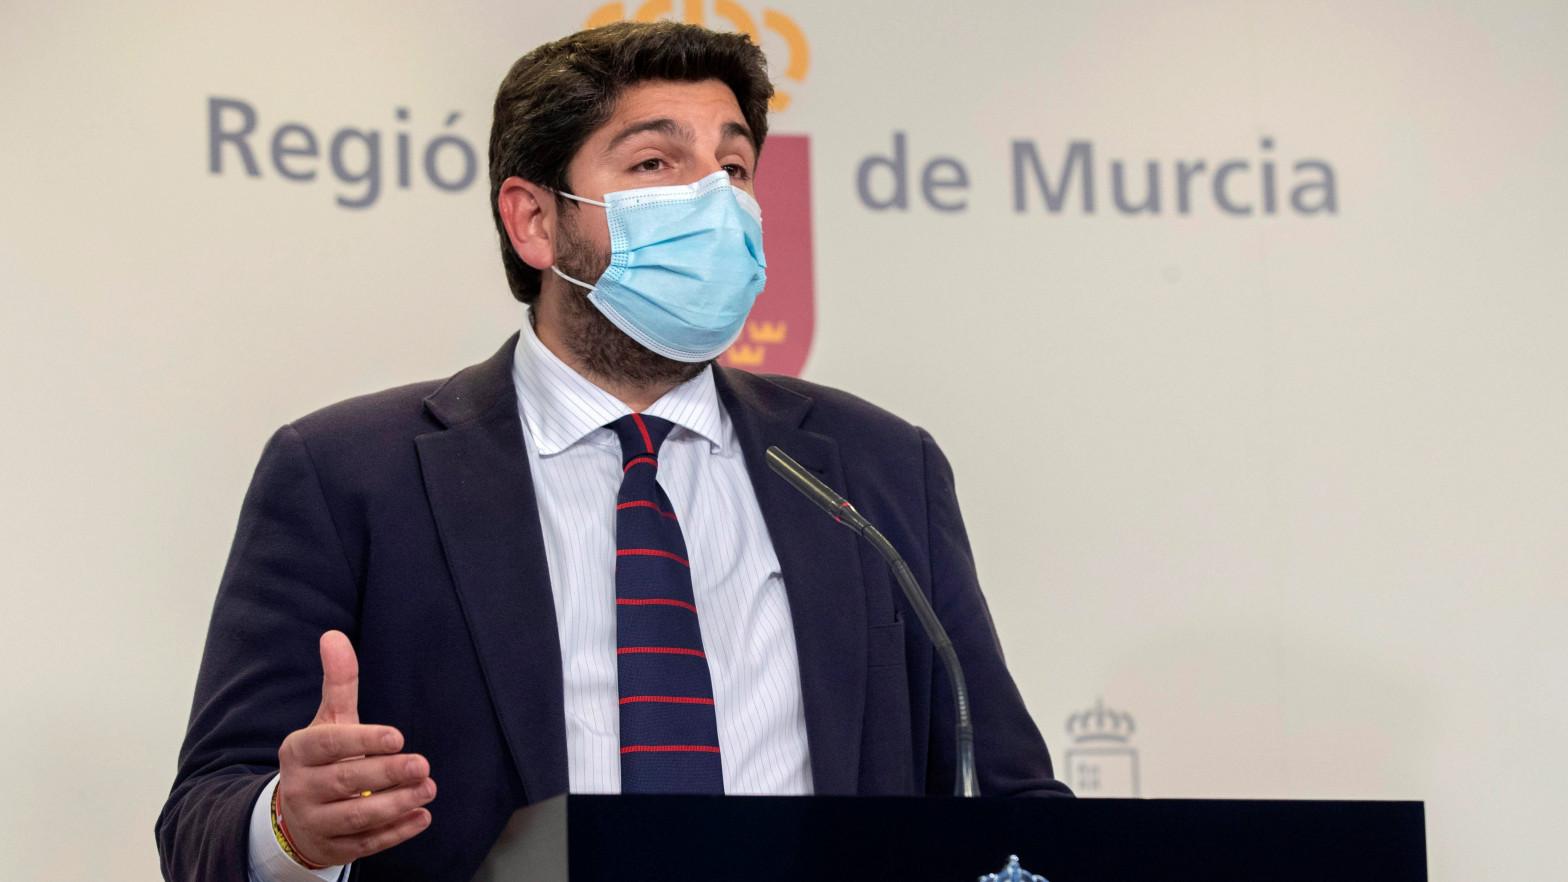 El PP se sitúa al borde de la mayoría absoluta en Murcia tras la moción fallida